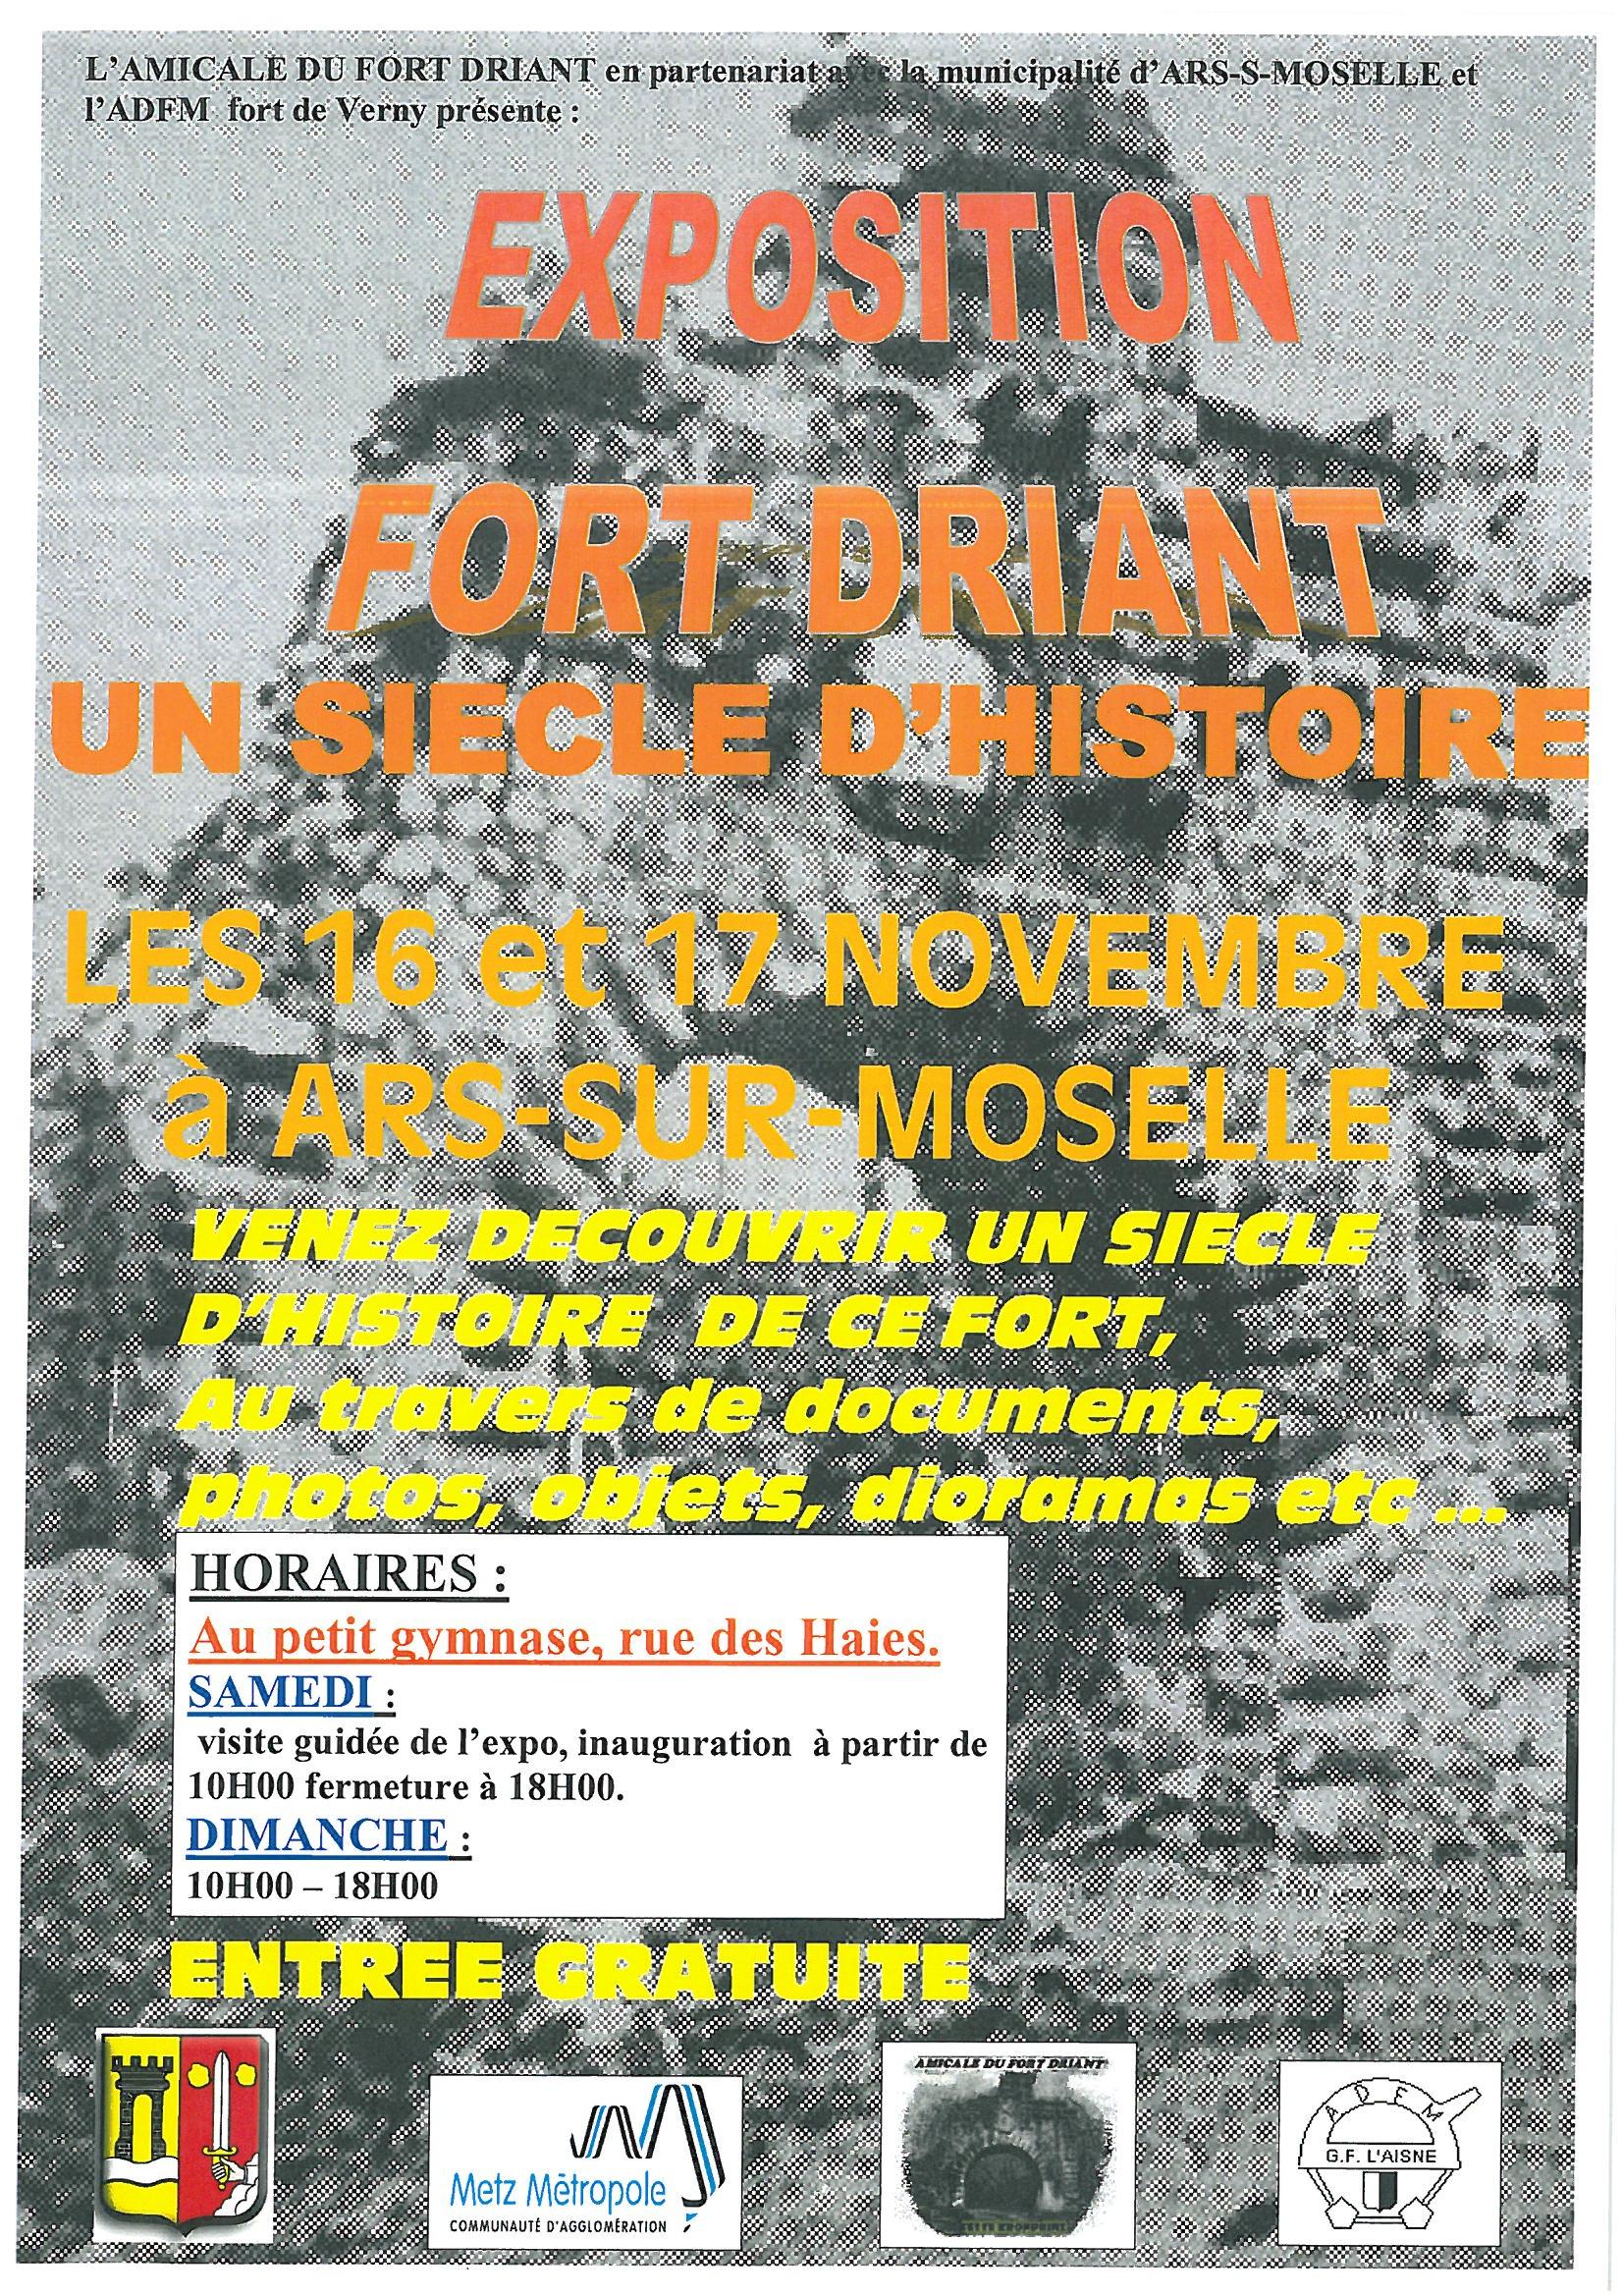 EXPOSITION FORT DRIANT les 16 et 17 novembre